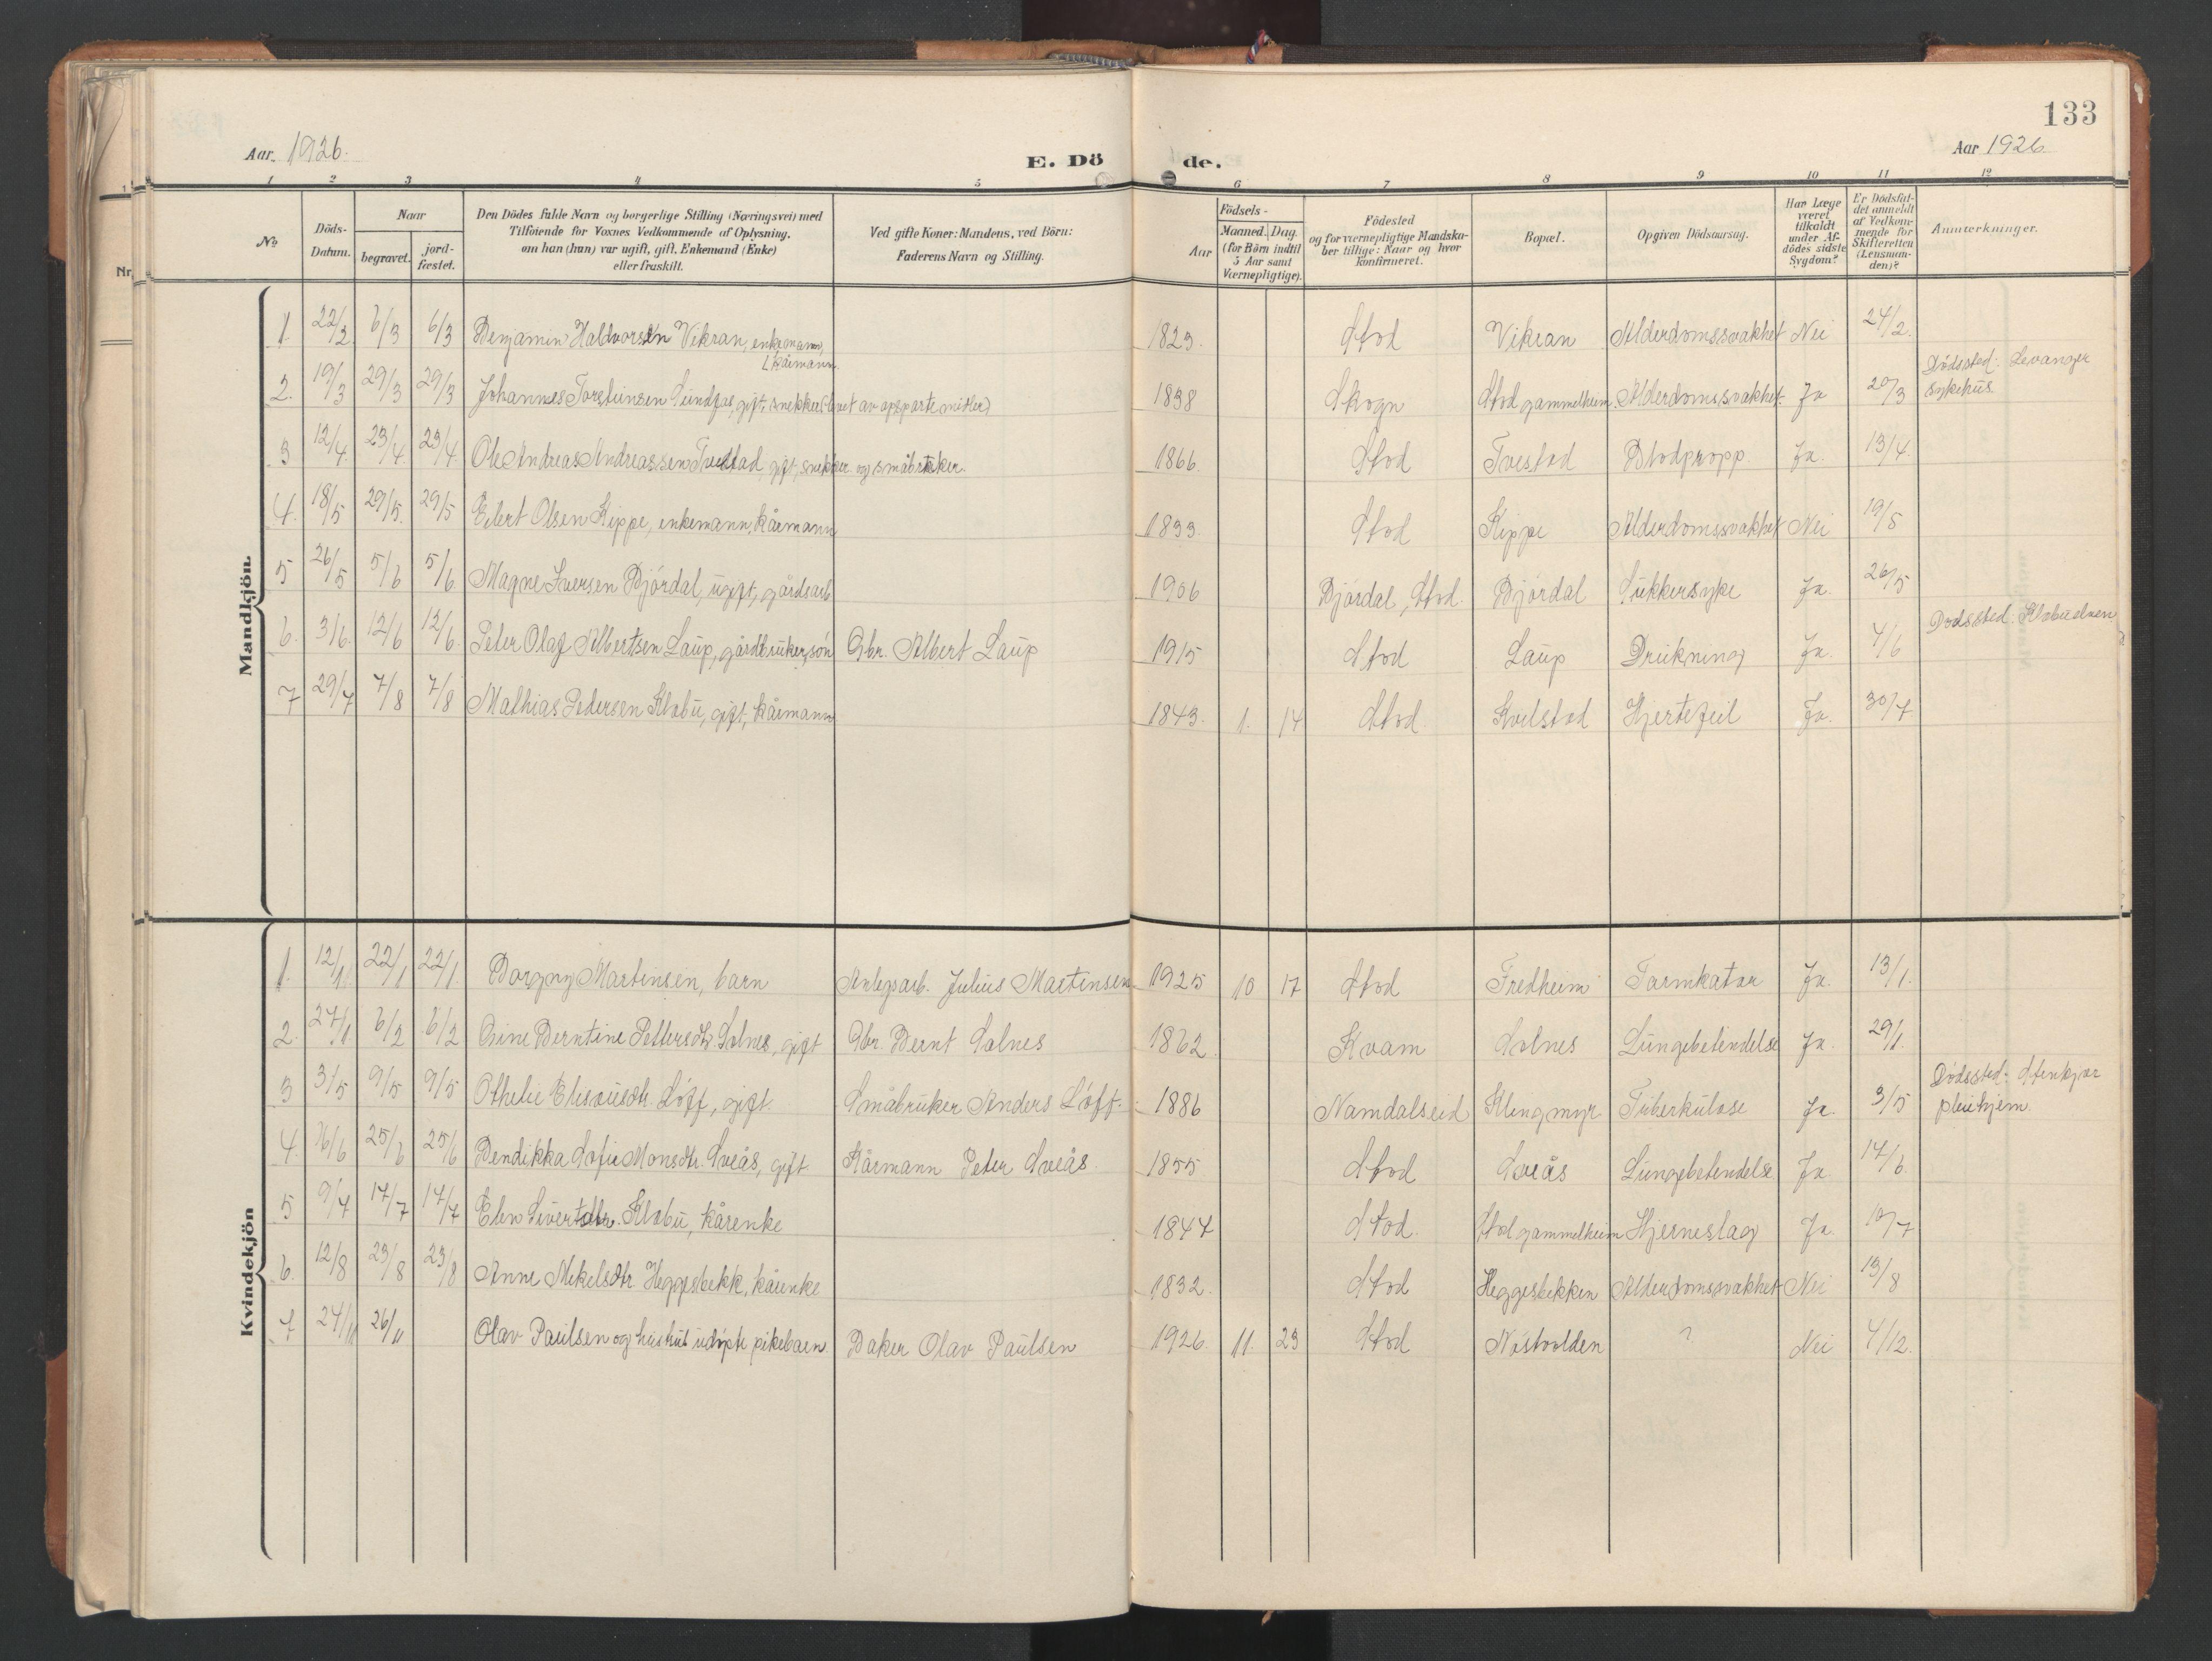 SAT, Ministerialprotokoller, klokkerbøker og fødselsregistre - Nord-Trøndelag, 746/L0455: Klokkerbok nr. 746C01, 1908-1933, s. 133